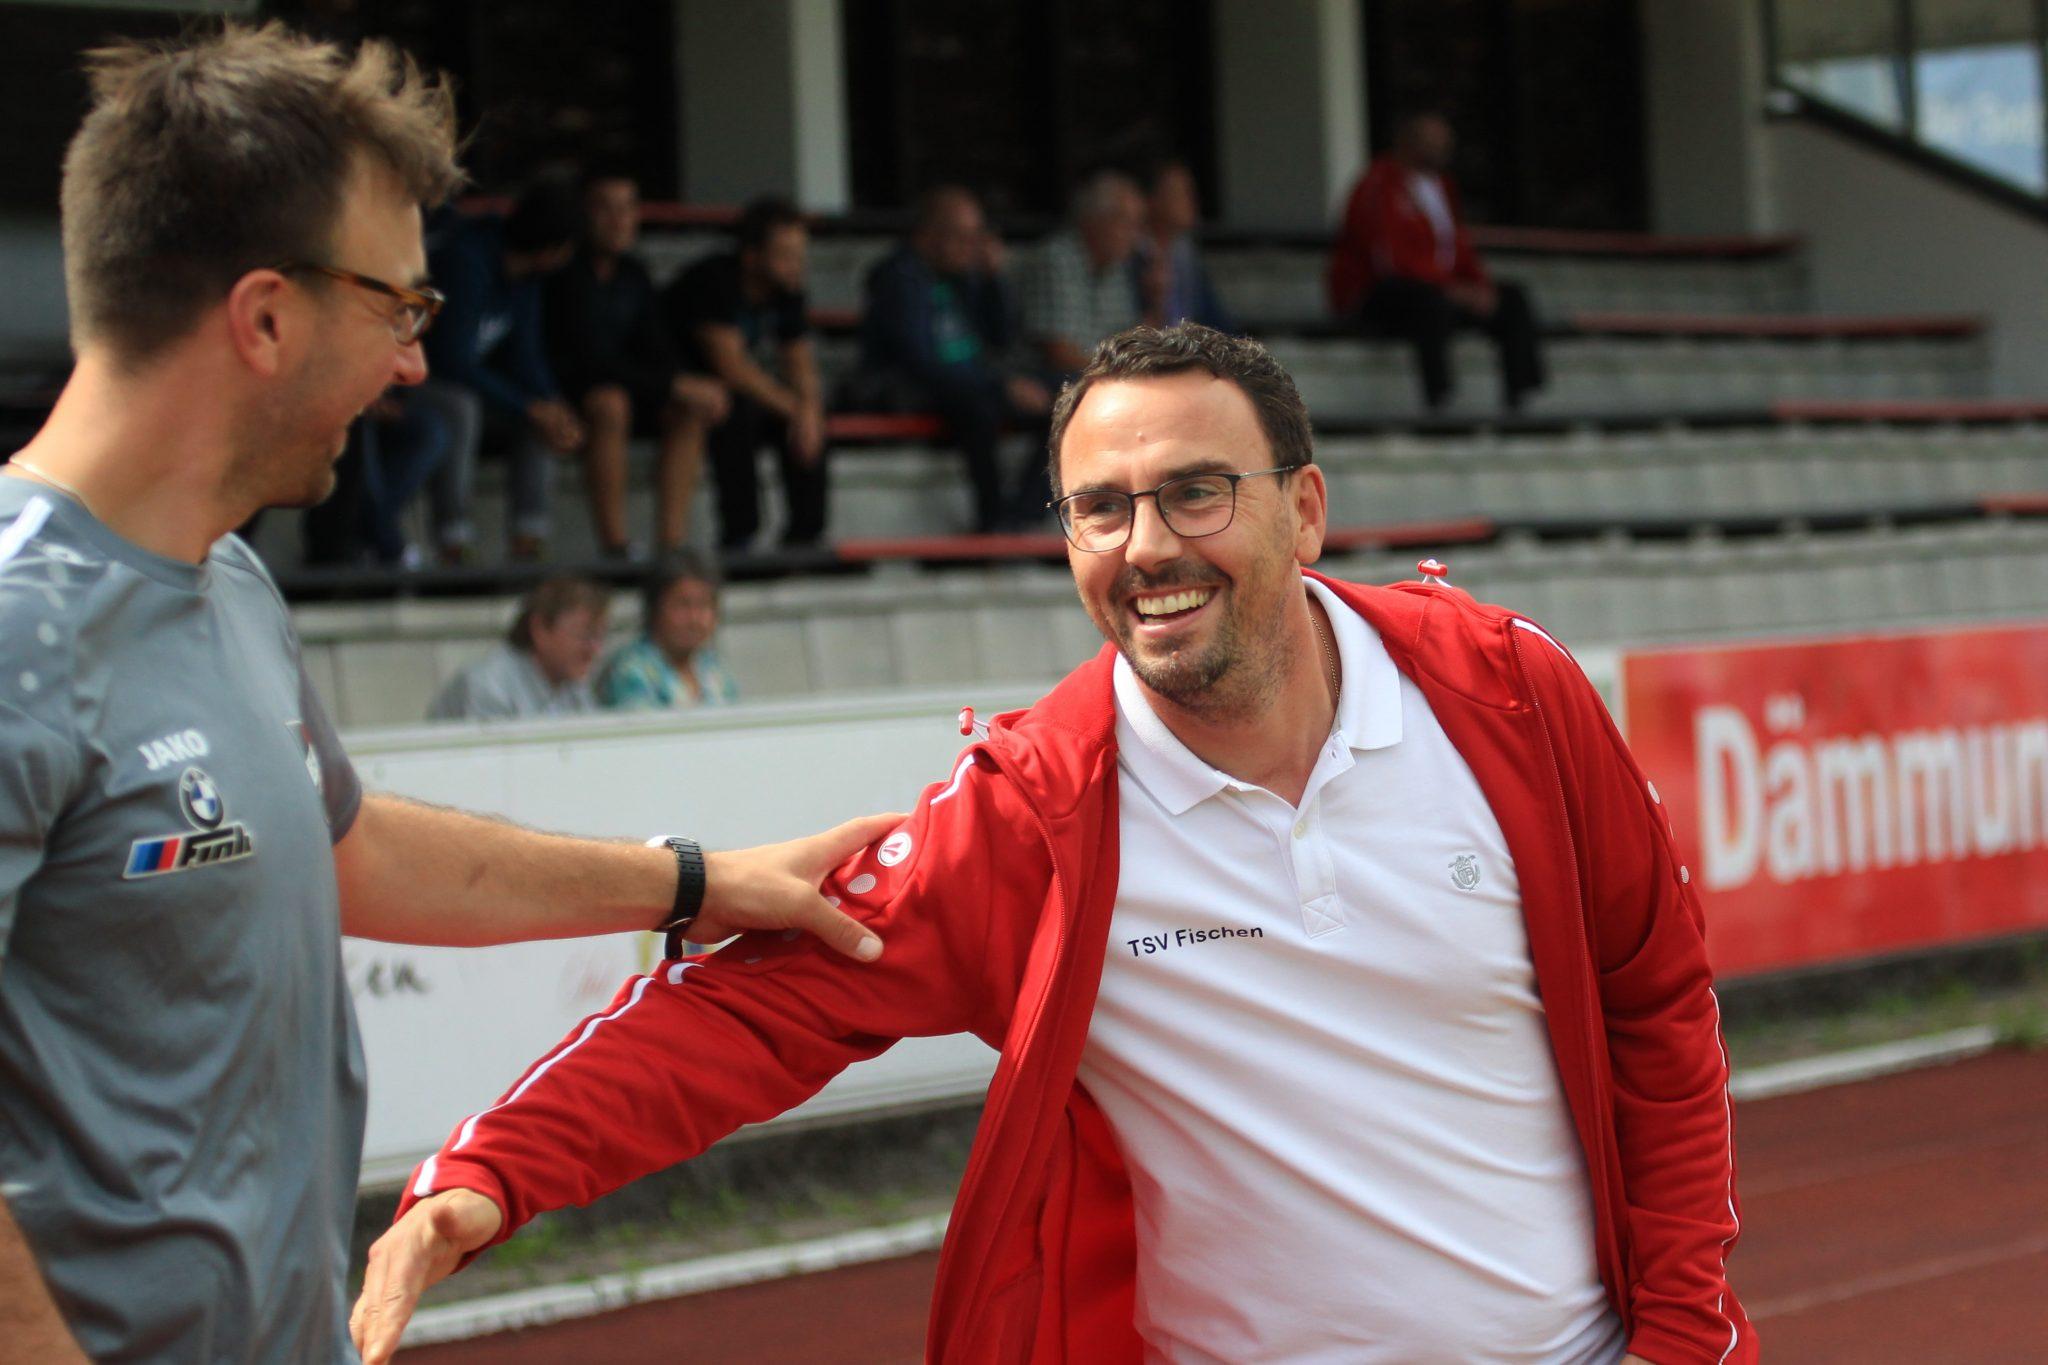 TSV Fischen – 1. FC Sonthofen    (Sonntag)